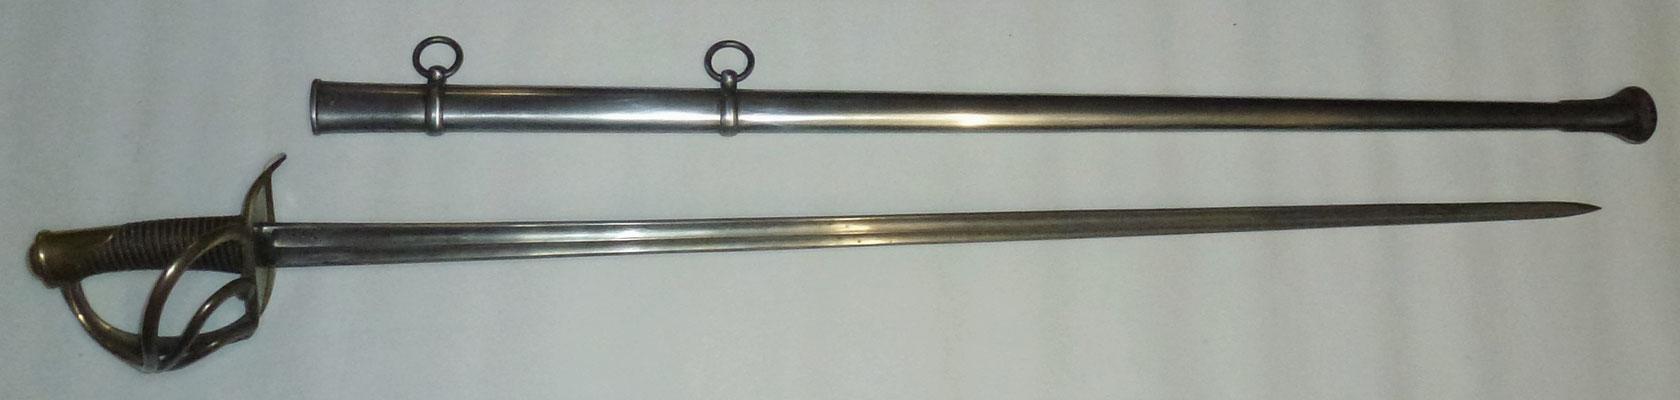 fourreau et épée cavalerie de ligne mle 1816